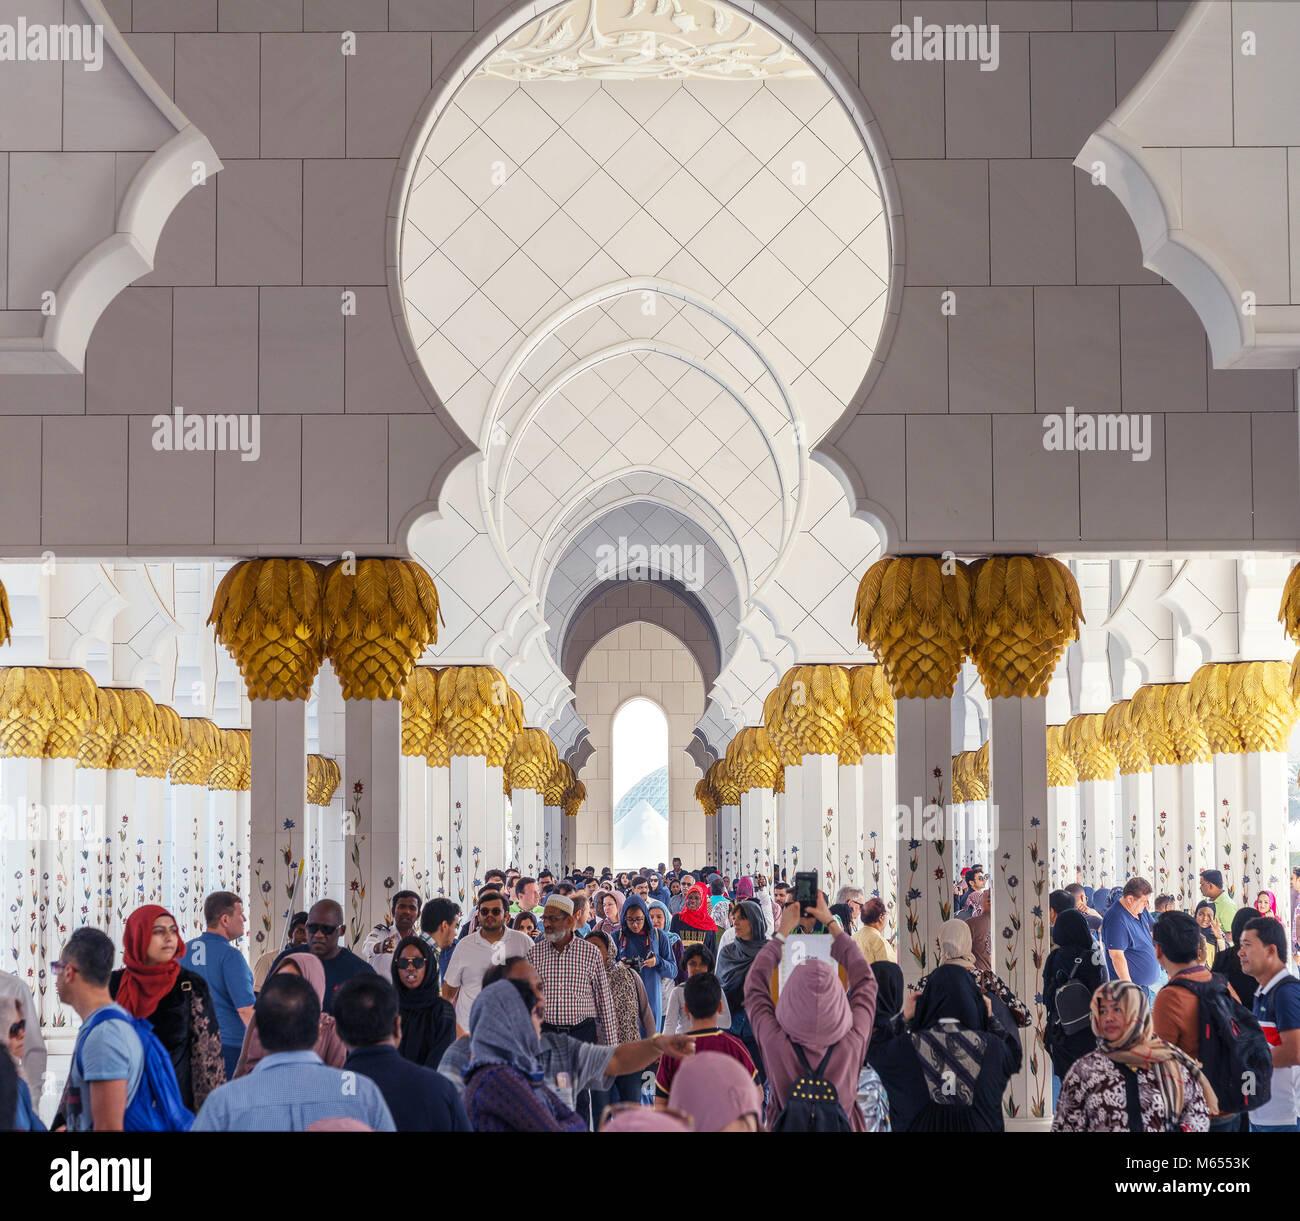 El 28 de diciembre de 2017, Abu Dhabi, Emiratos Árabes Unidos. Los turistas que visitan hermosa Mezquita Sheikh Imagen De Stock